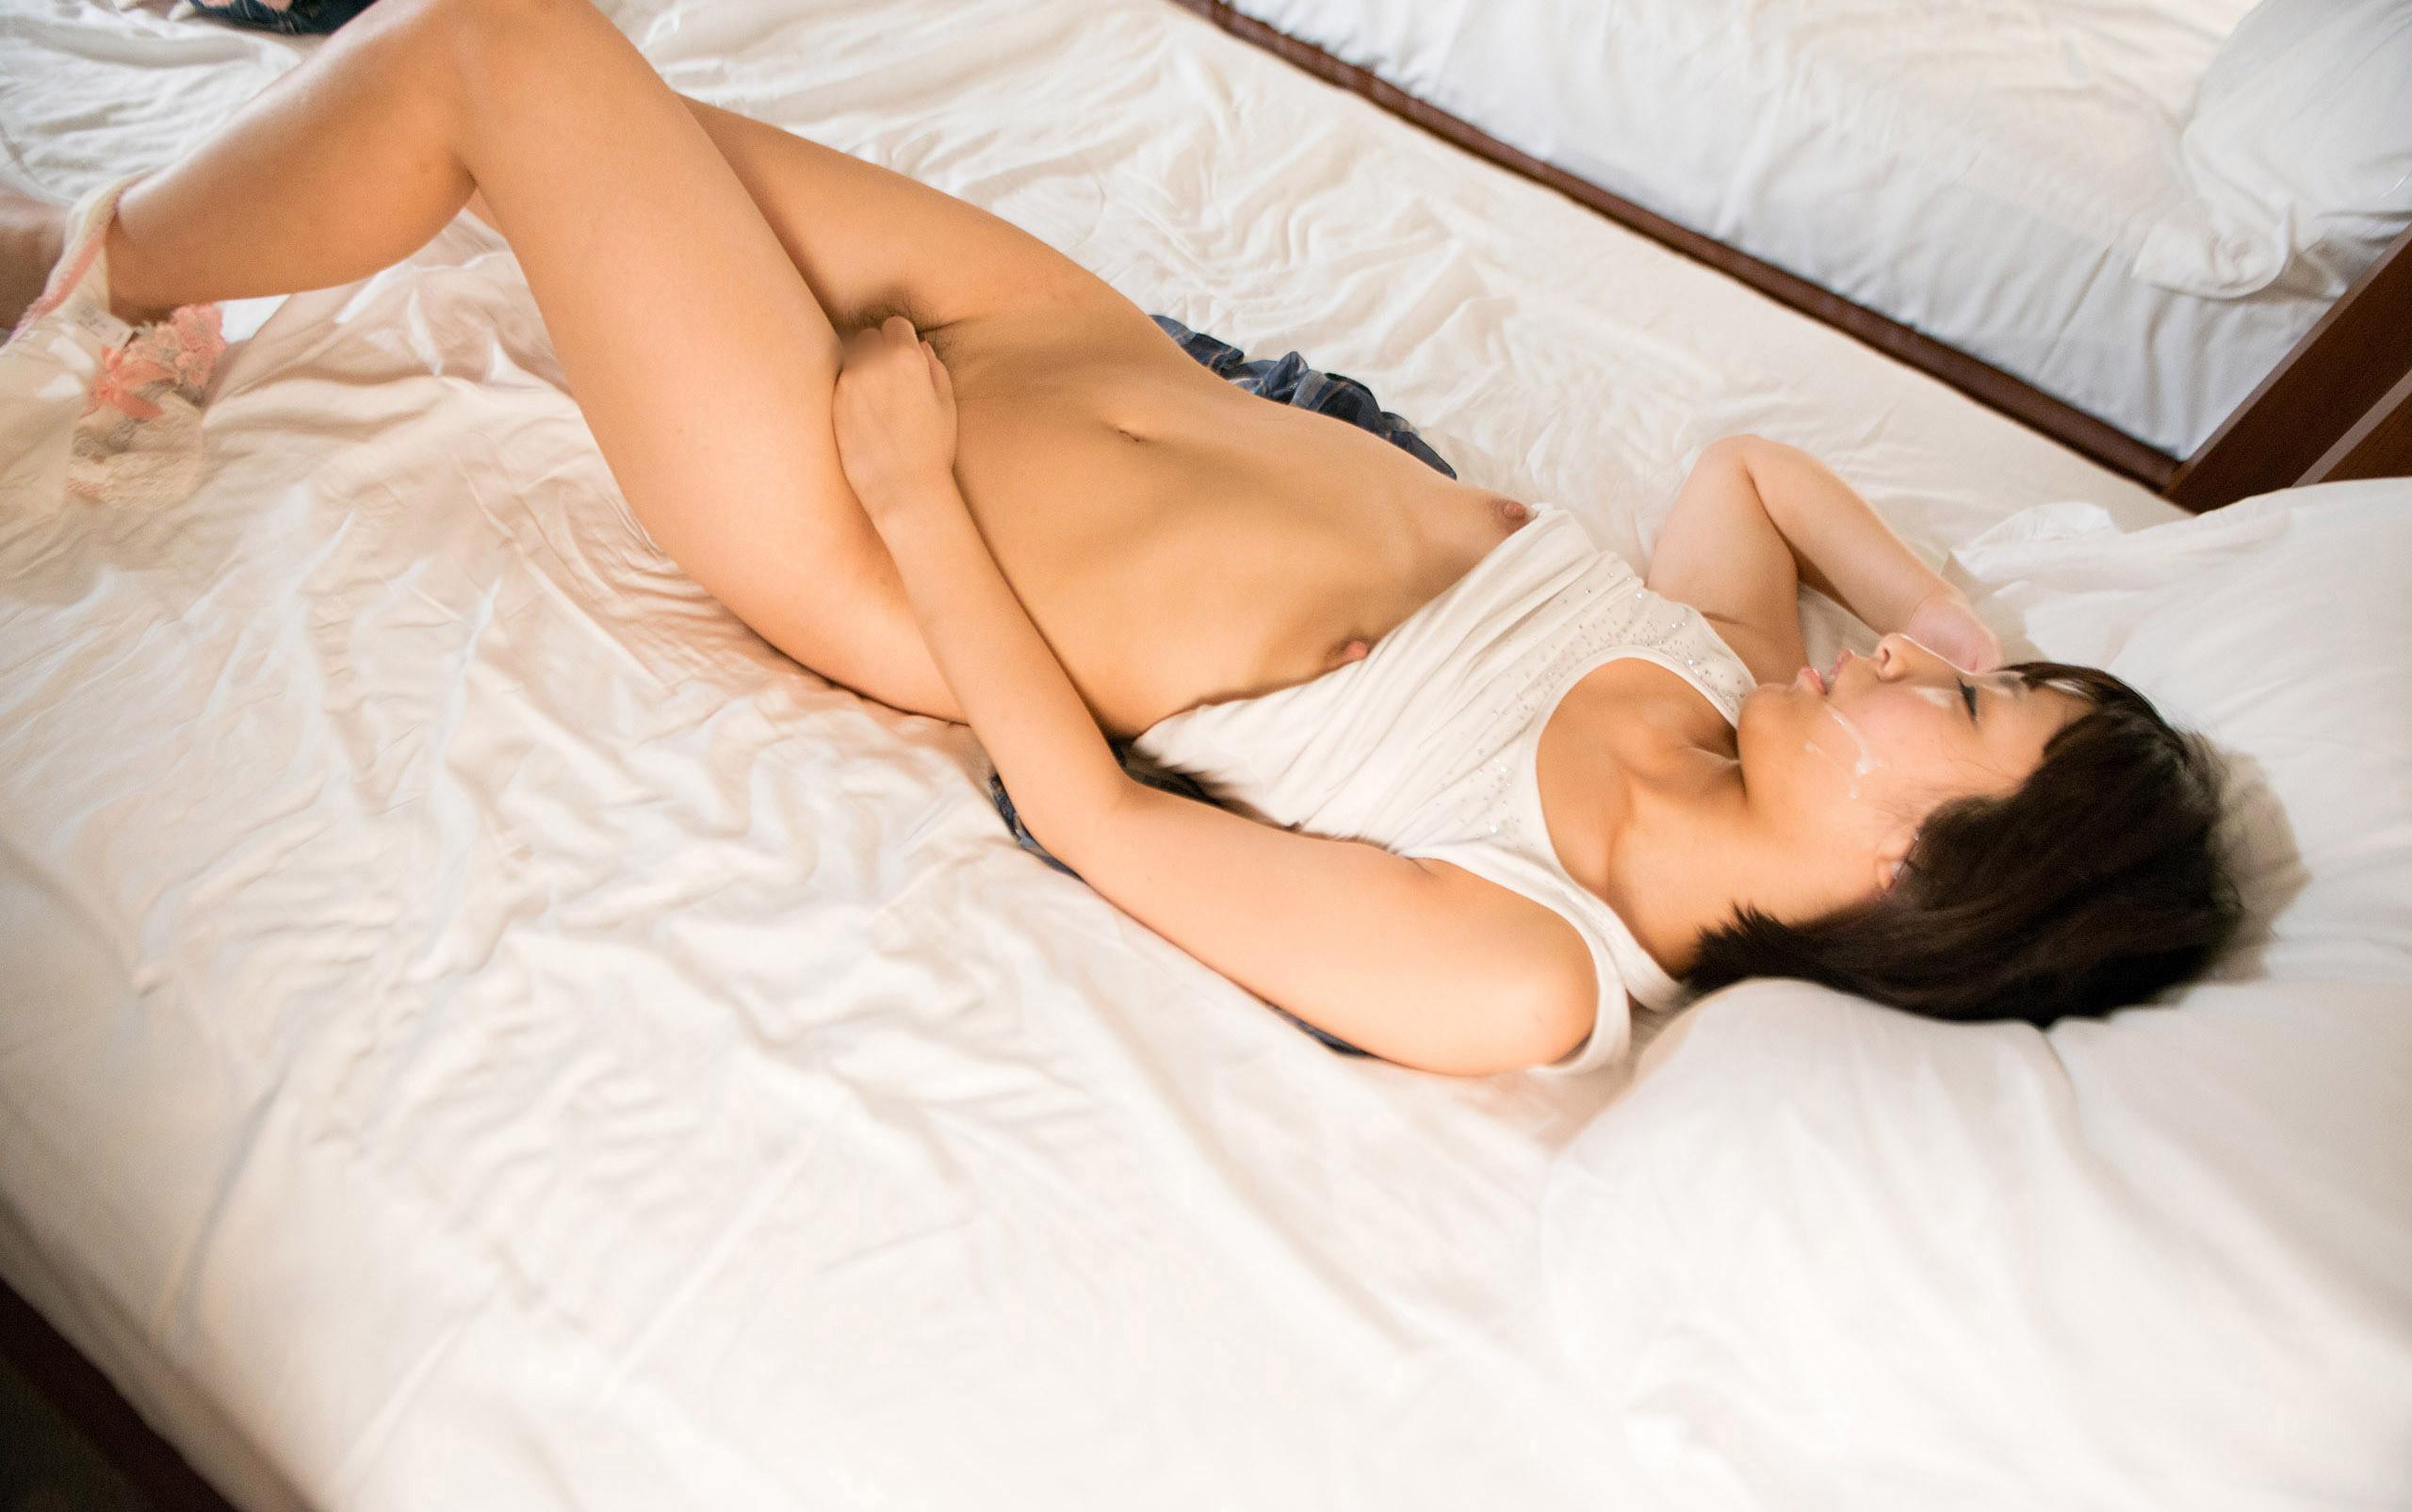 阿部乃みく(あべのみく) ショートヘアのロリ顔天使がラブラブセックスなAV女優エロ画像 89枚 No.61